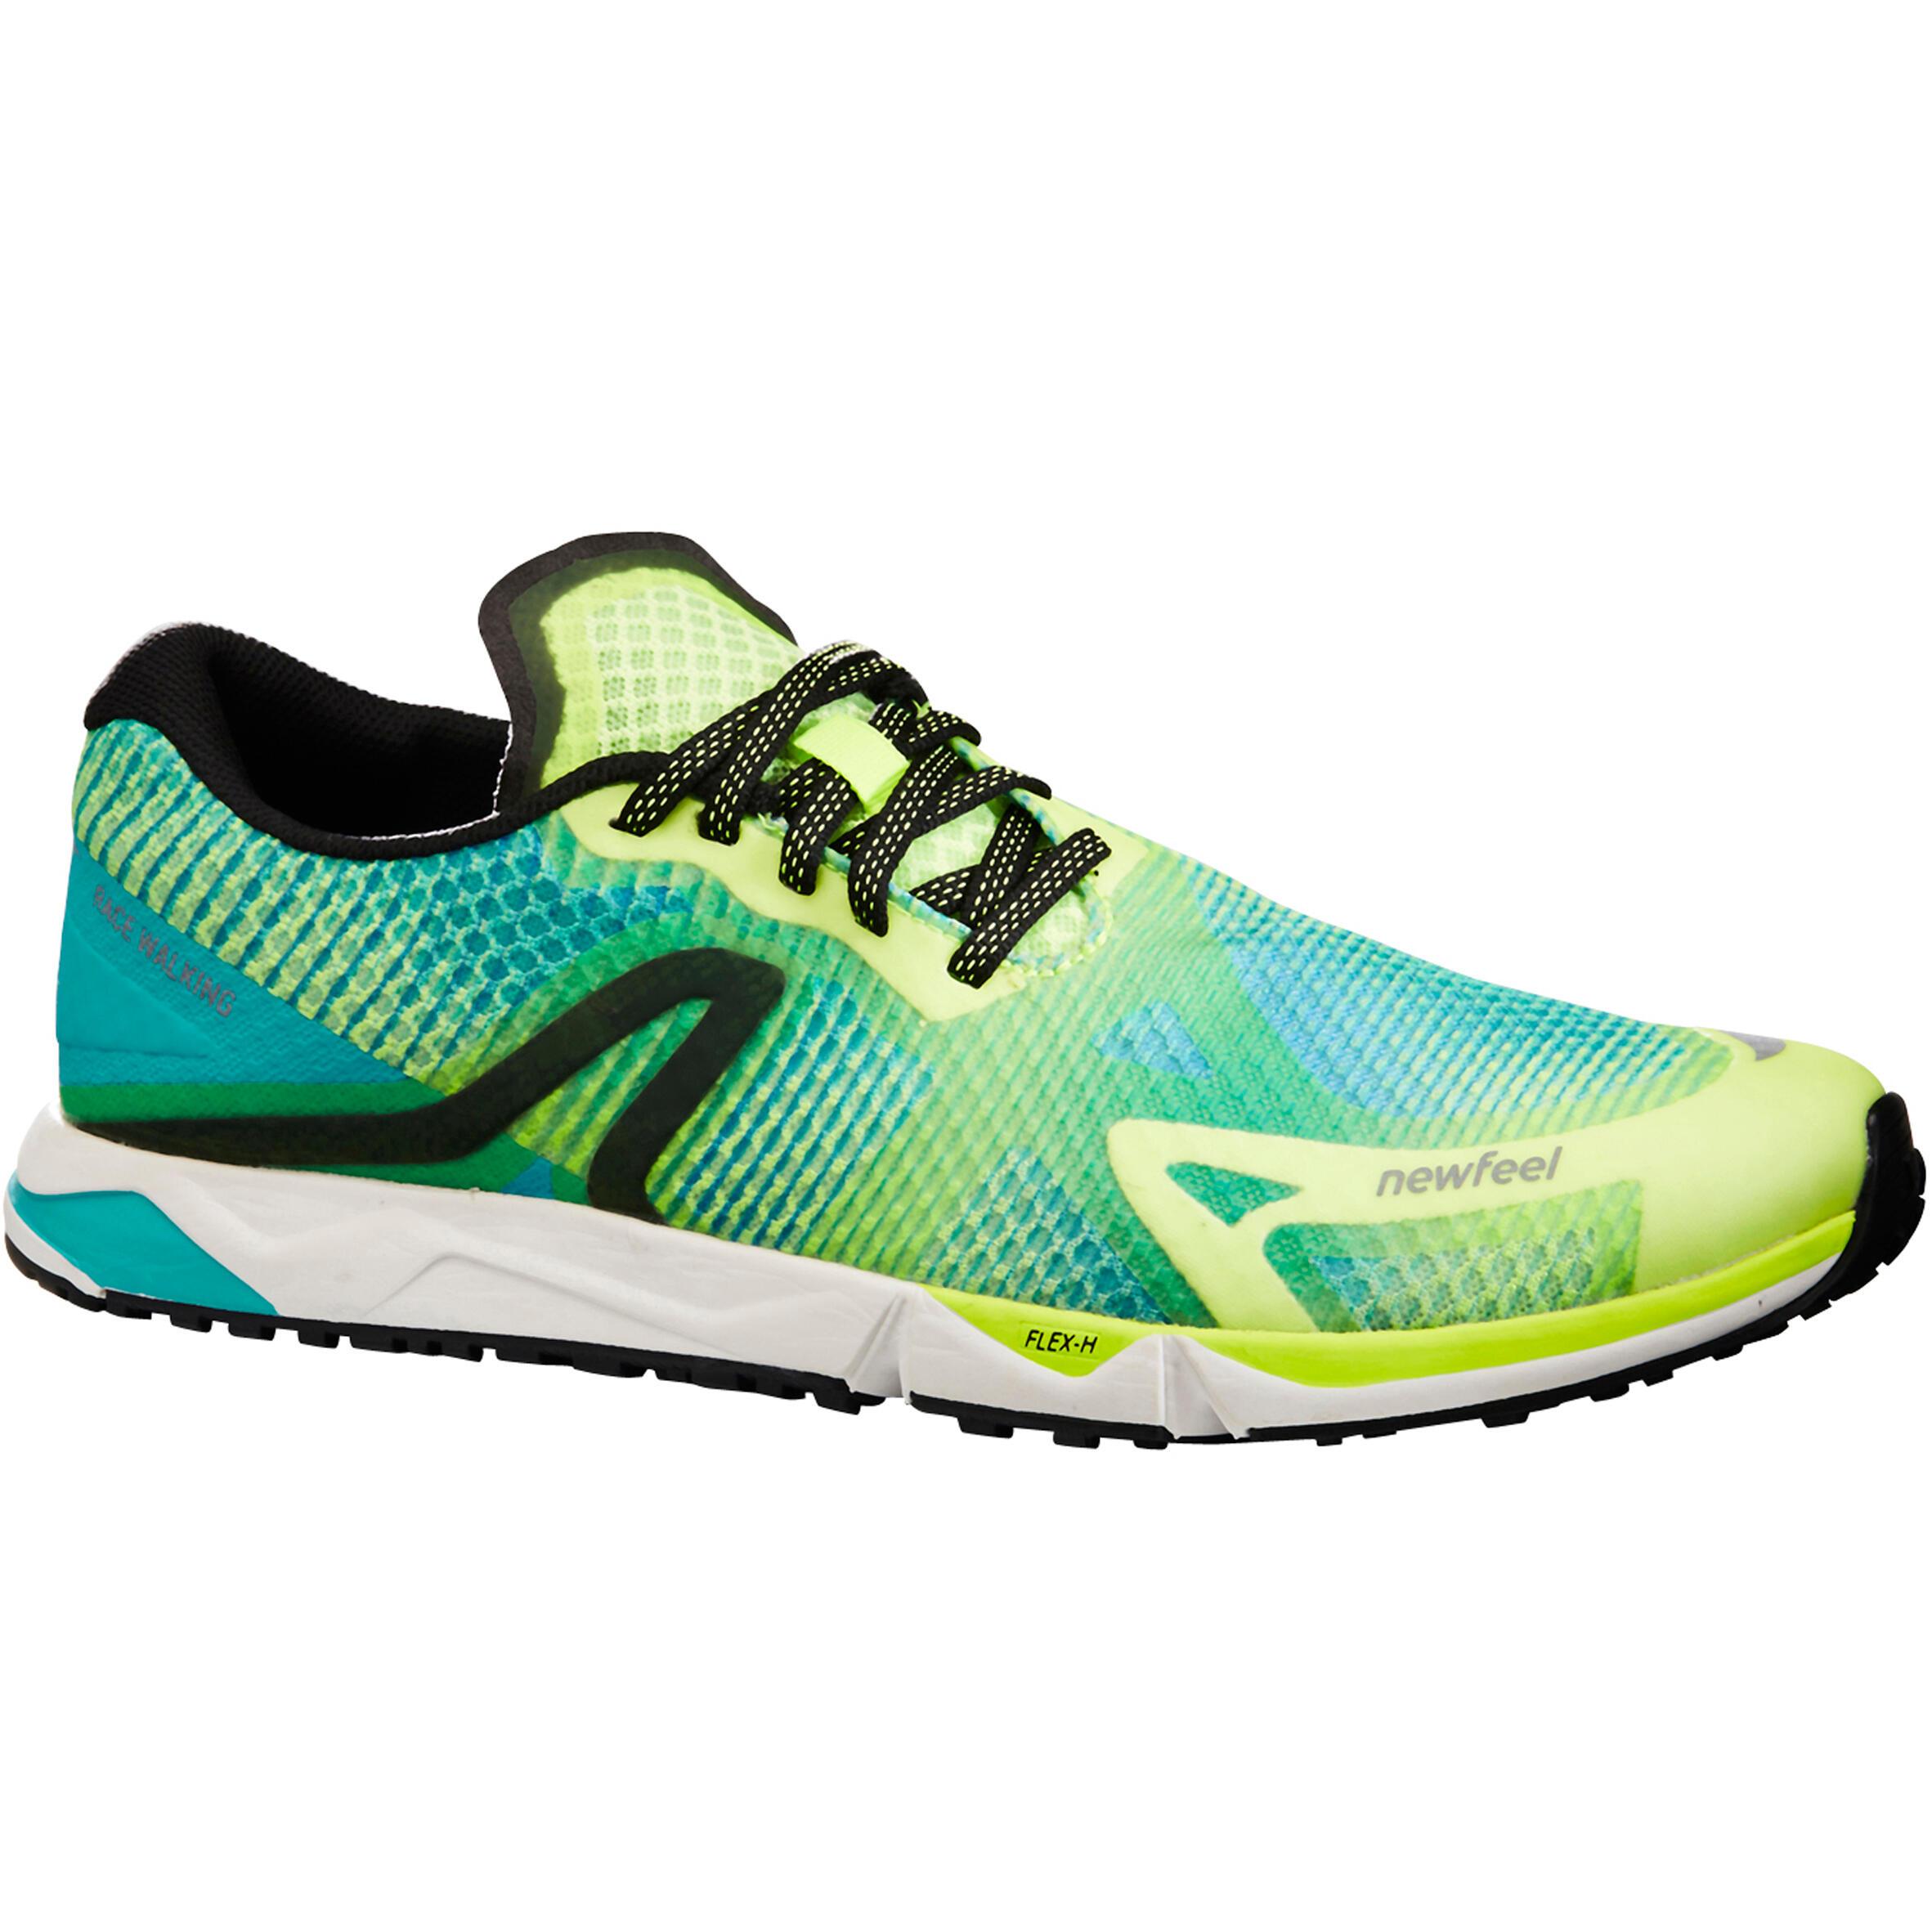 Newfeel Schoenen voor snelwandelen RW 900 geel/blauw